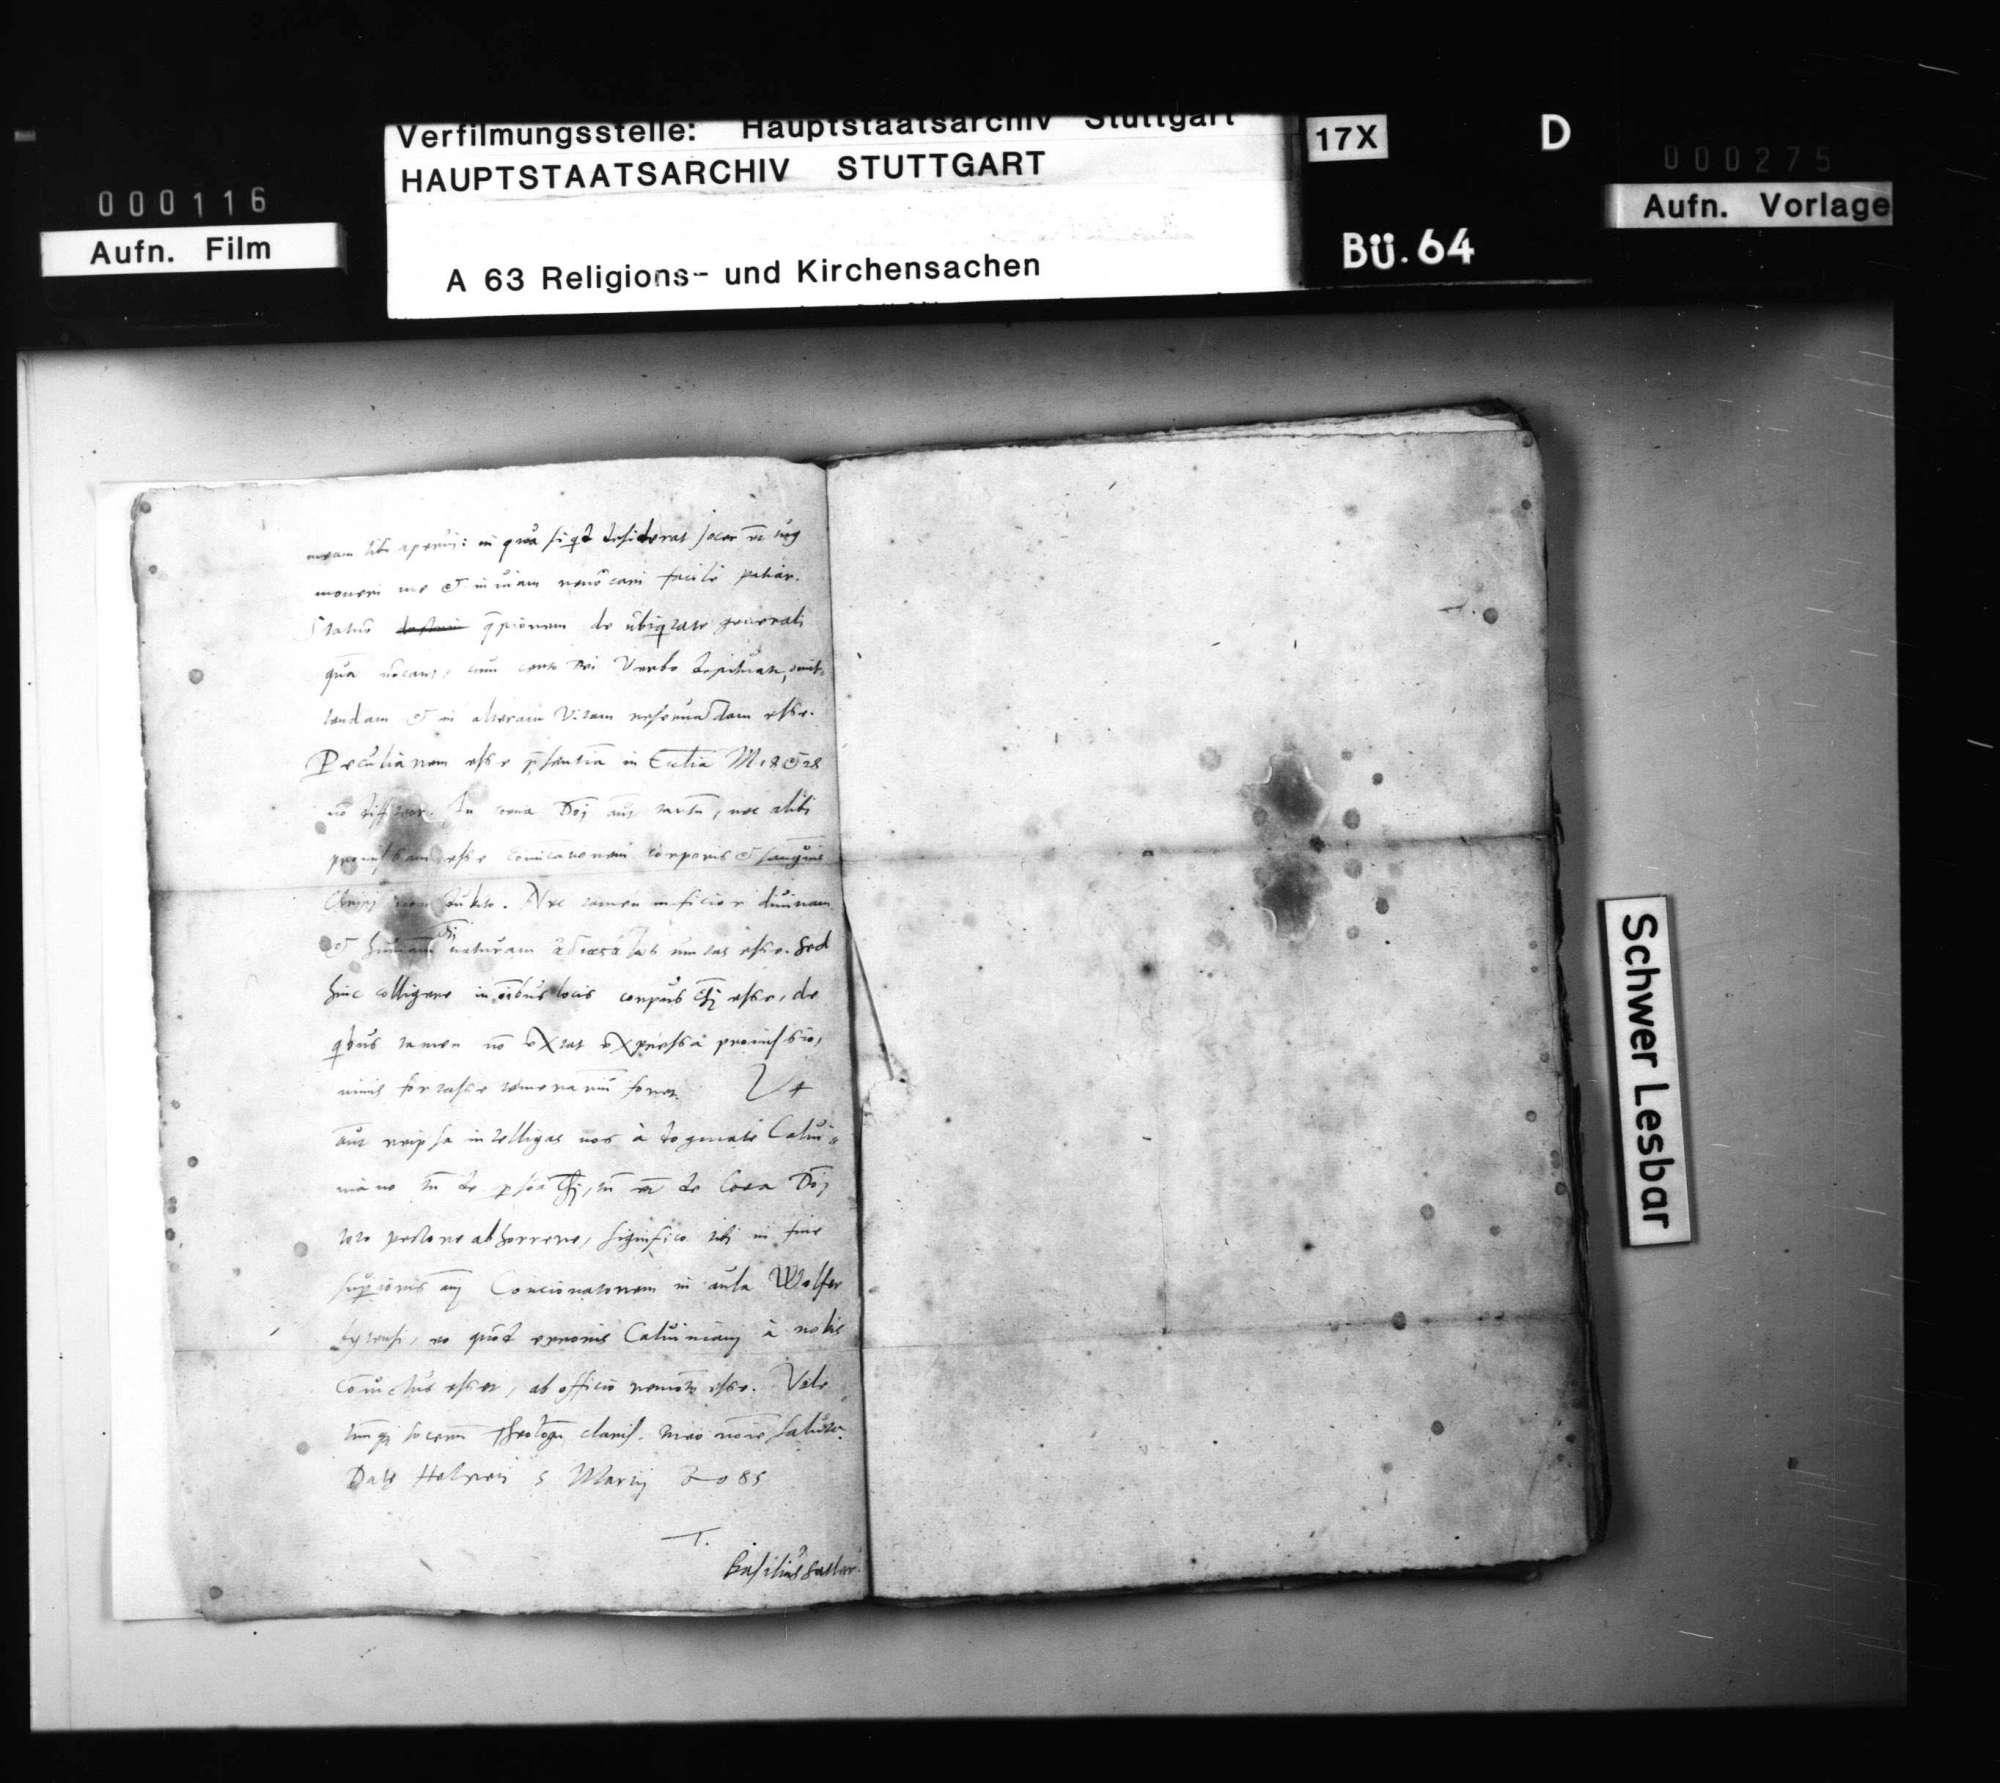 Schriften, des Chyträus in Rostock und seiner Freunde Beziehungen zu den württembergischen Theologen betreffend., Bild 3